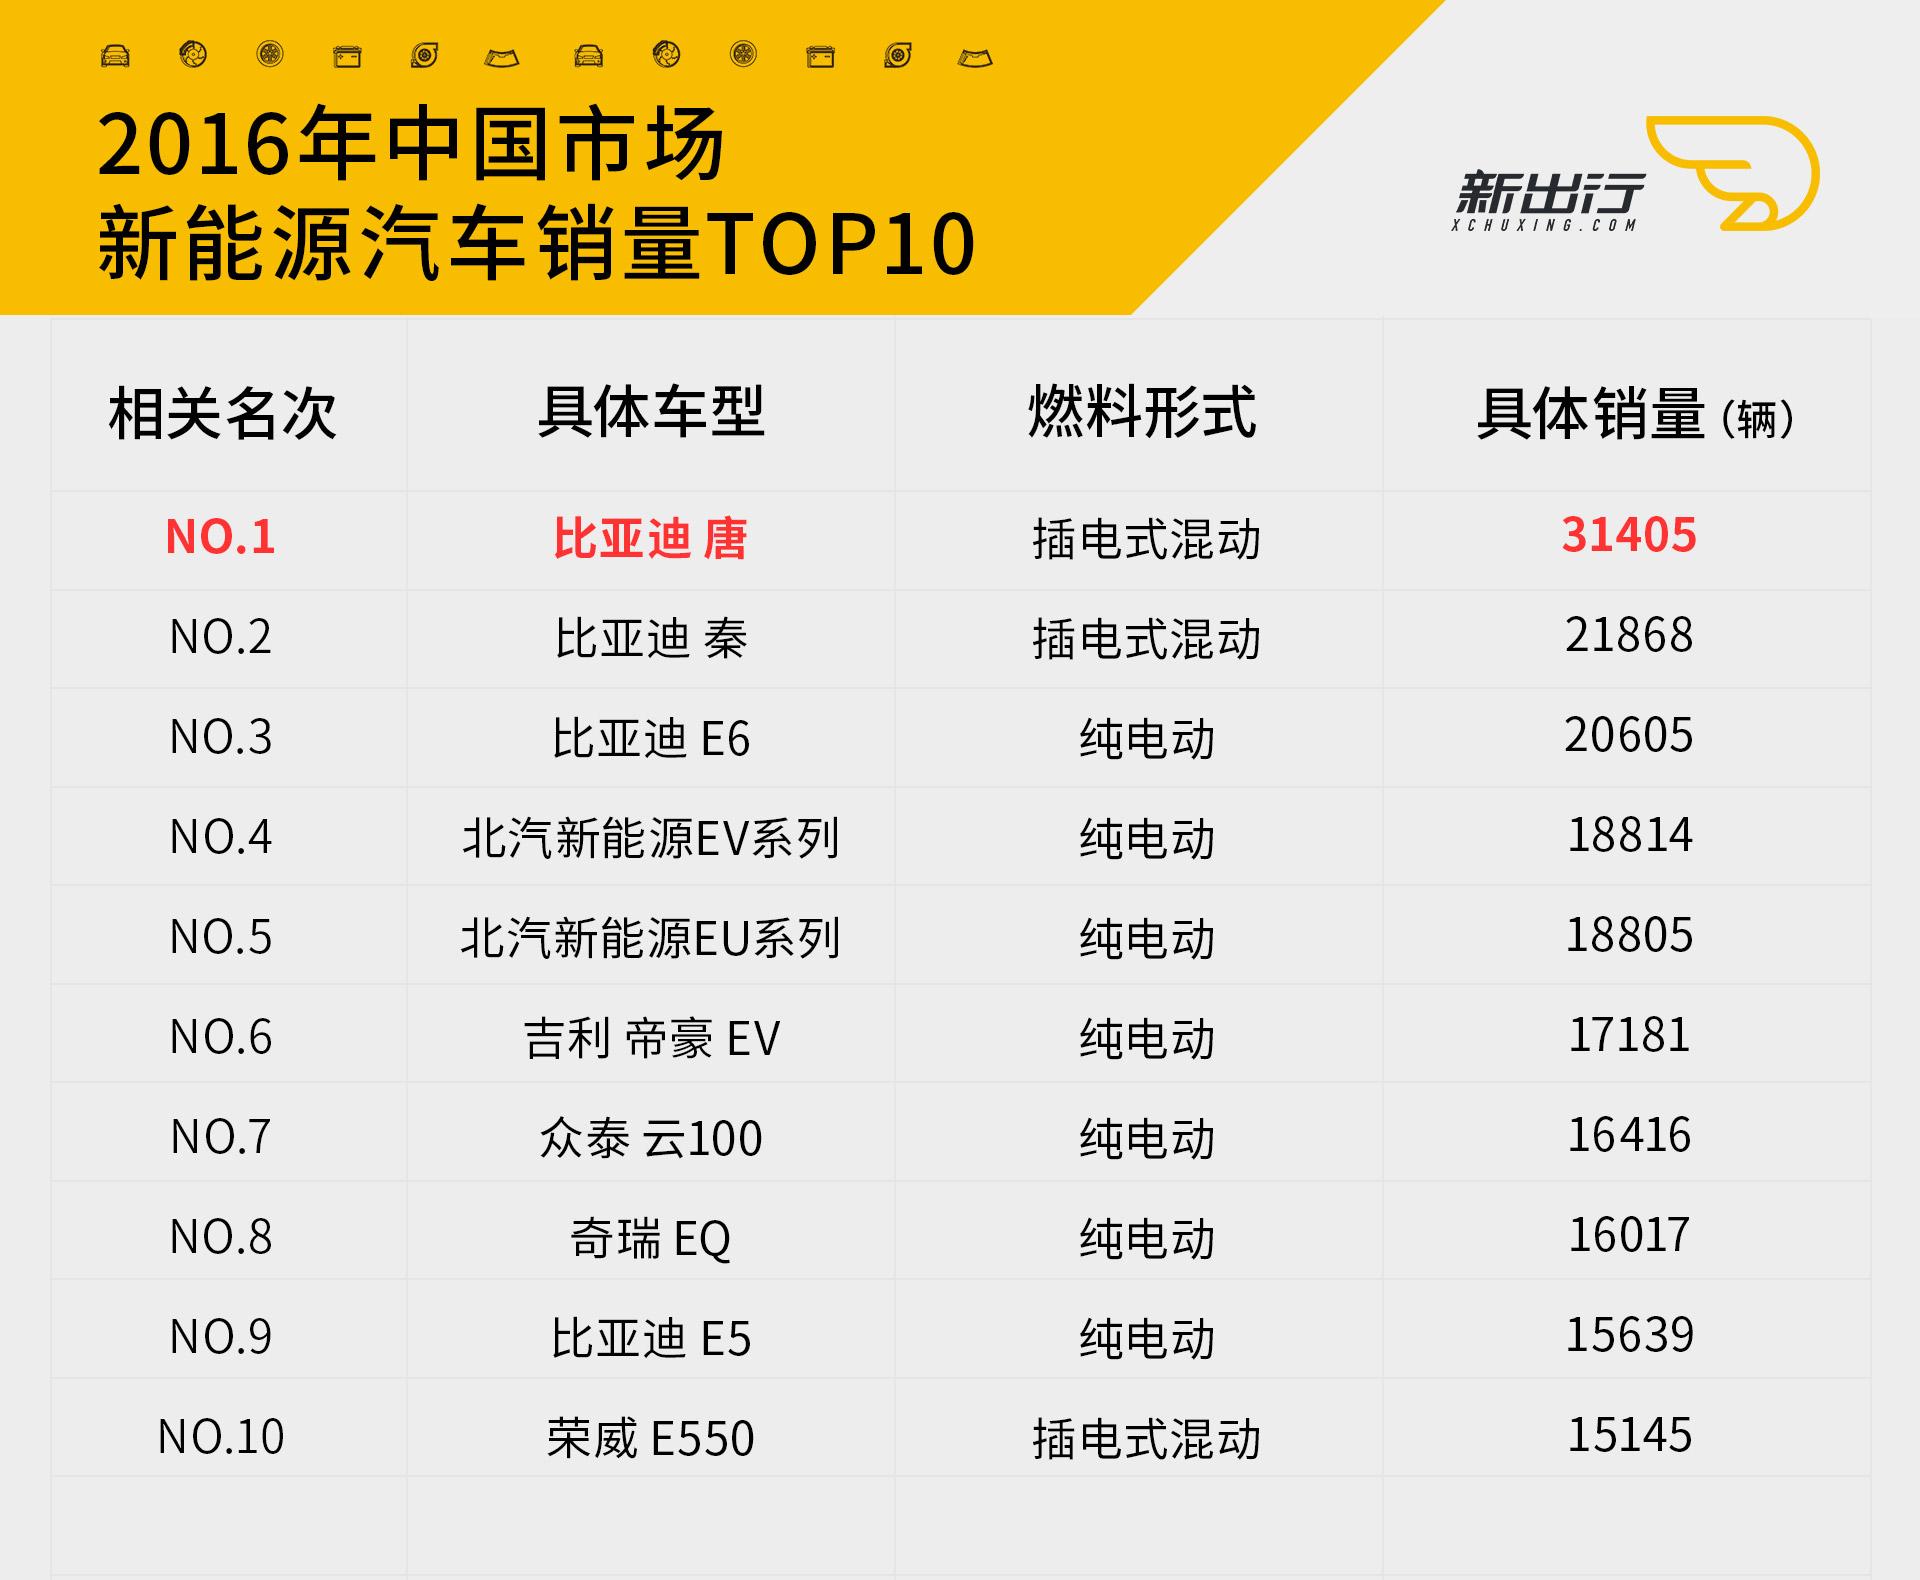 2016年销量TOP10.jpg